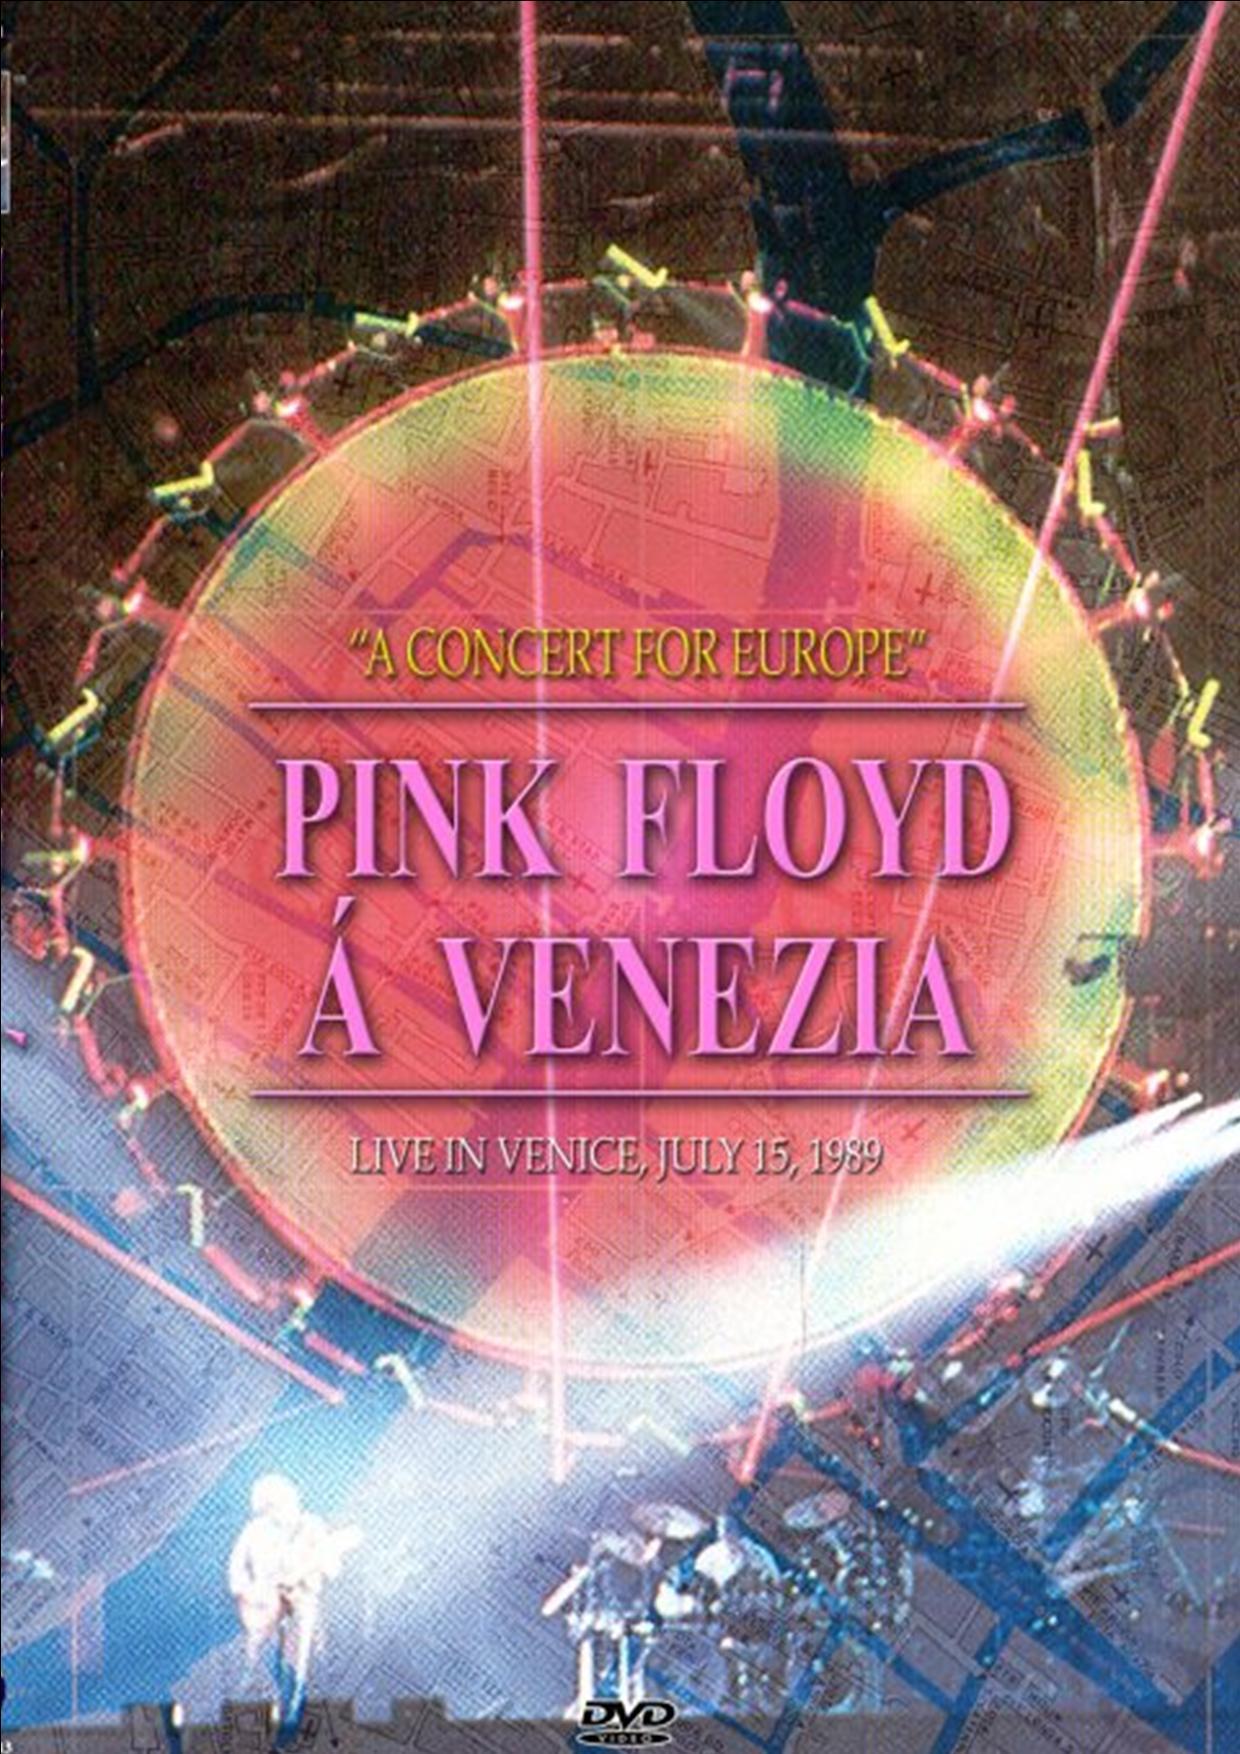 PINK FLOYD A VENEZIA 1989 (DVD)